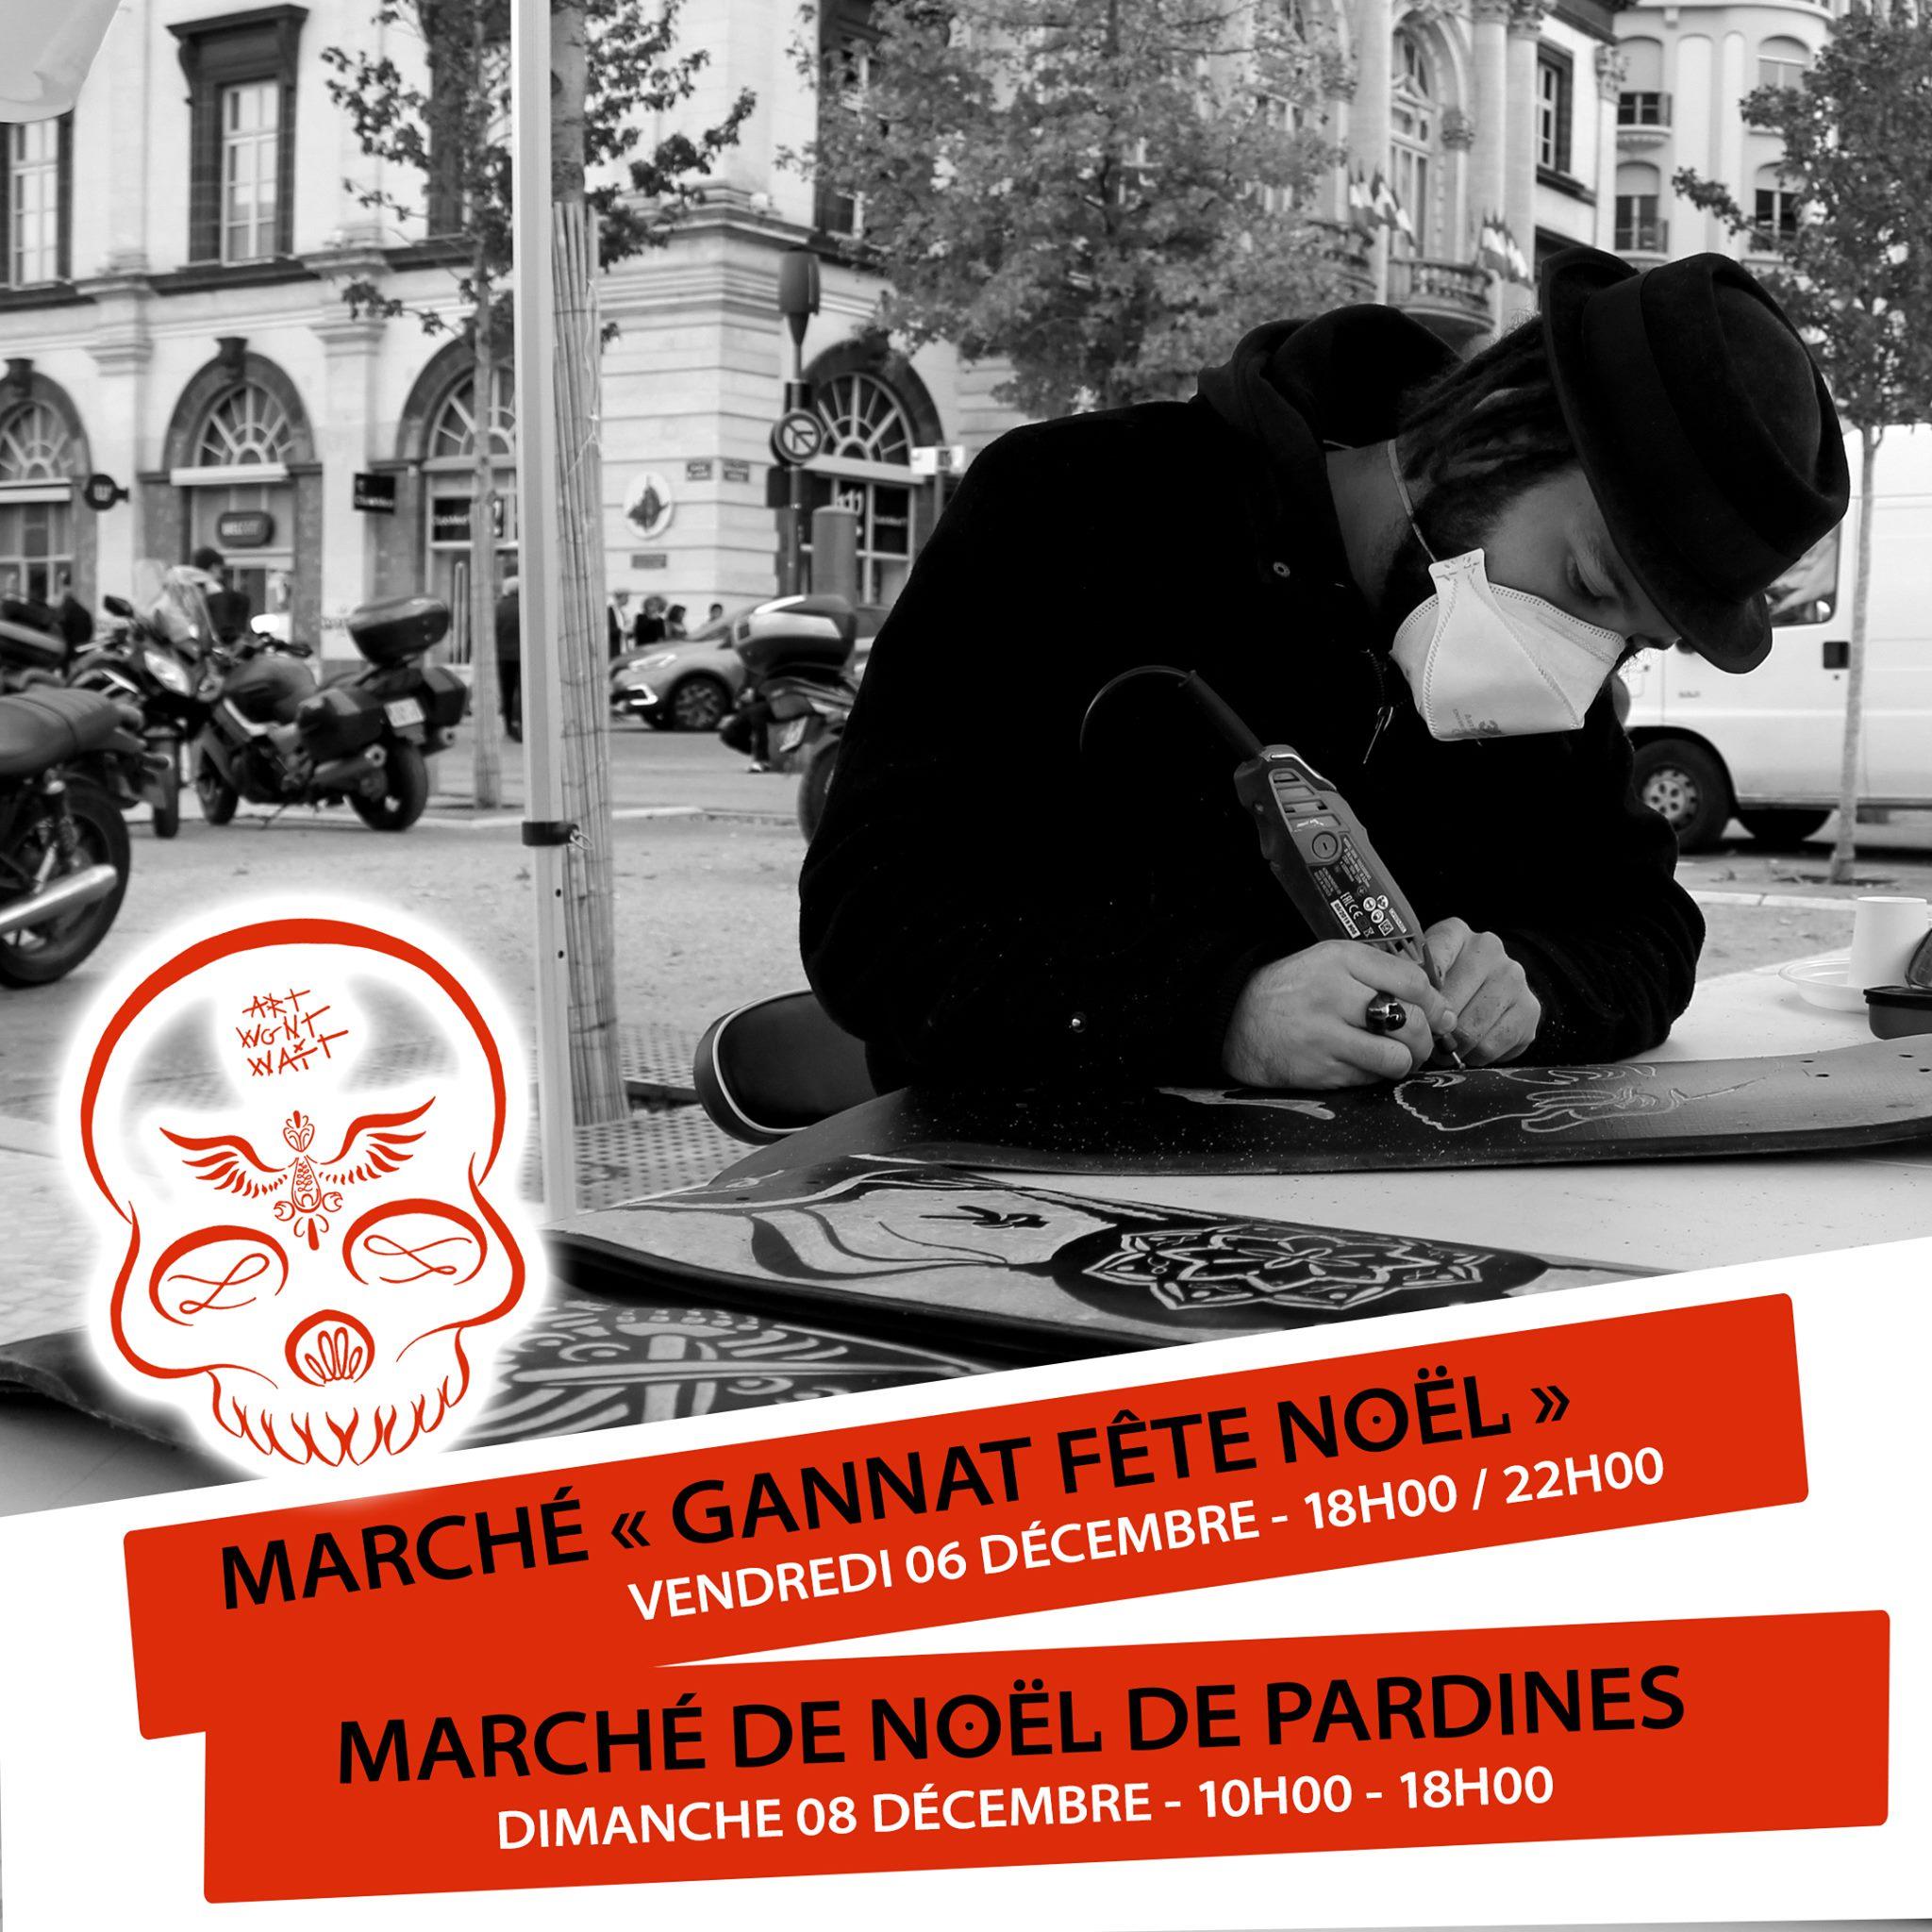 MARCHÉS DE NOËL GANNAT & PARDINES - 06 & 08 DÉCEMBRE 2019